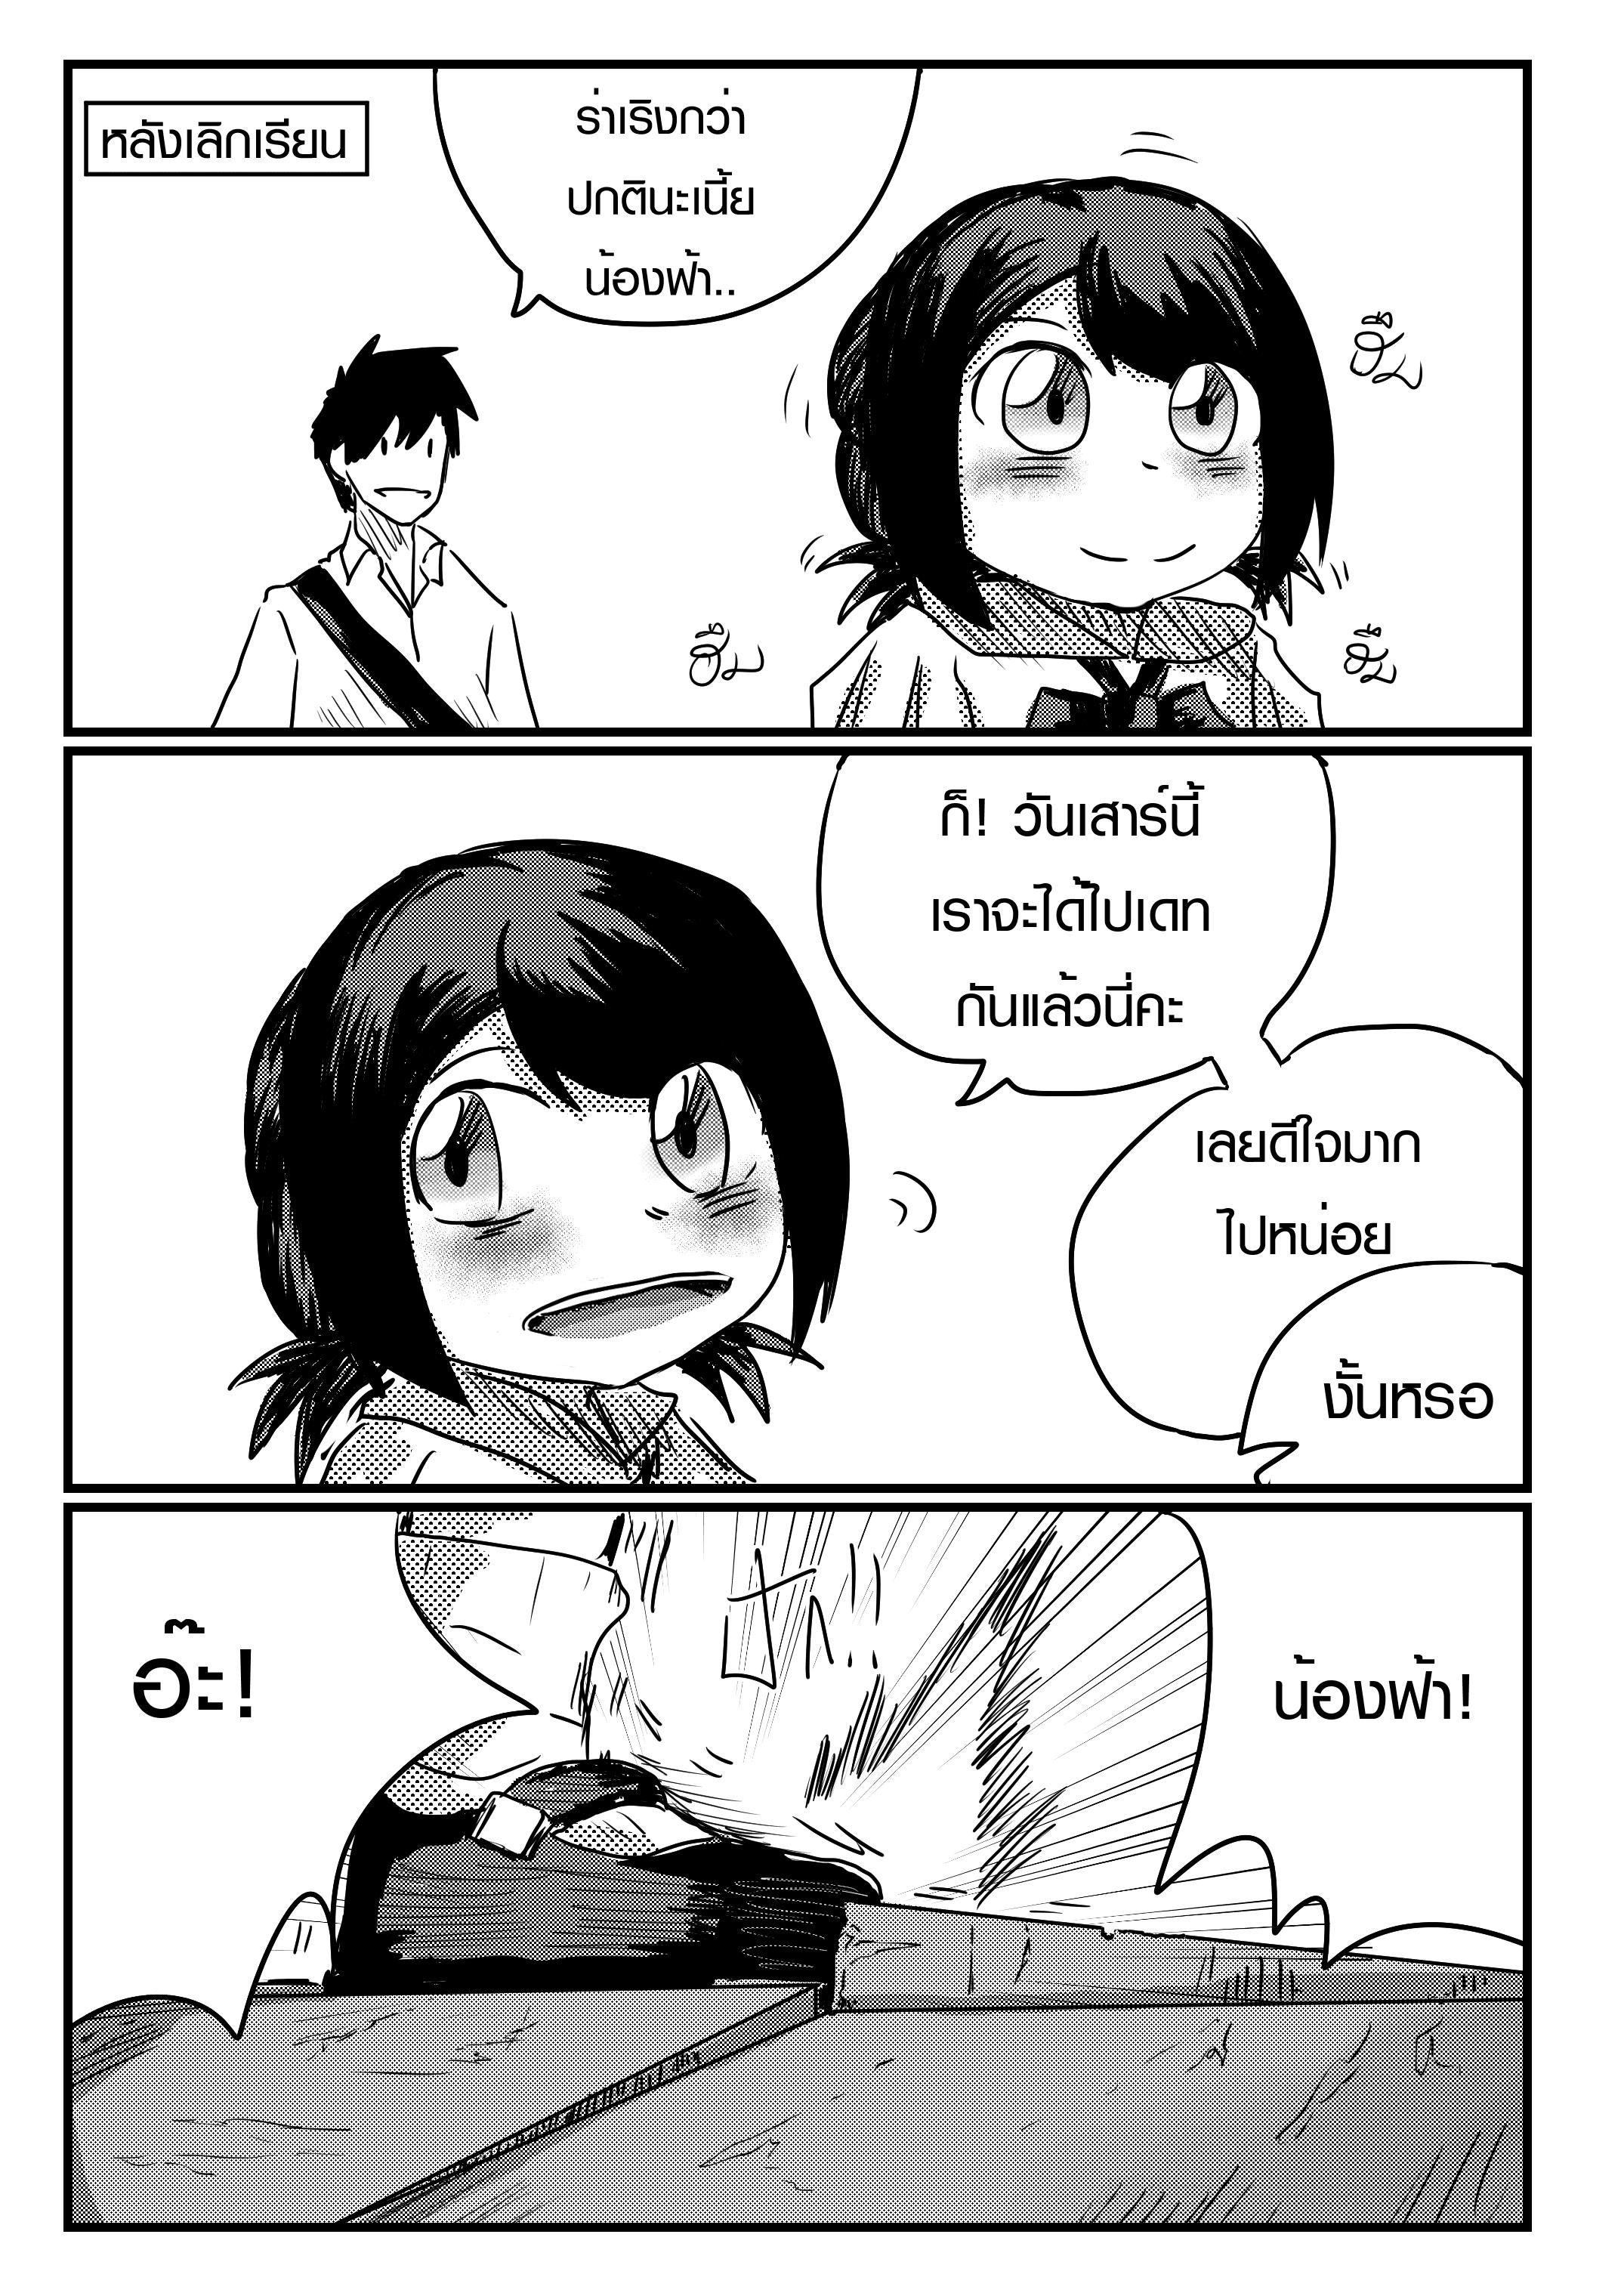 ep.5 - หกล้ม